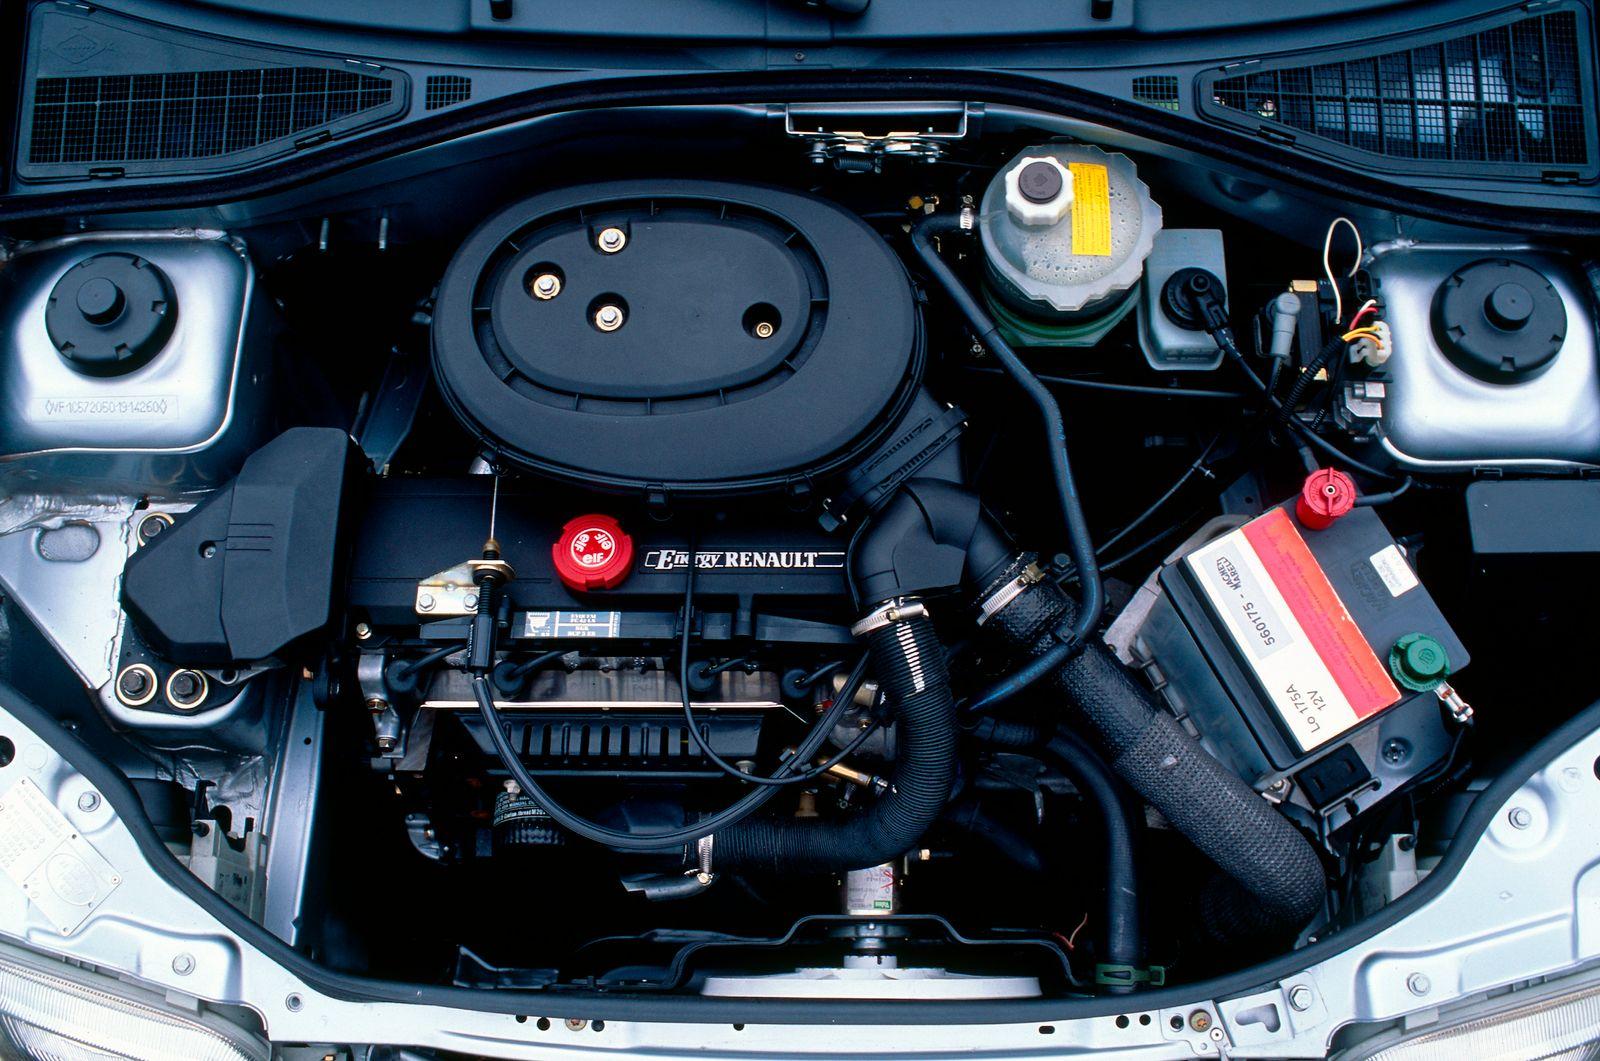 RENAULT CLIO 1,2 RN 3 DOOR - 91 MODEL